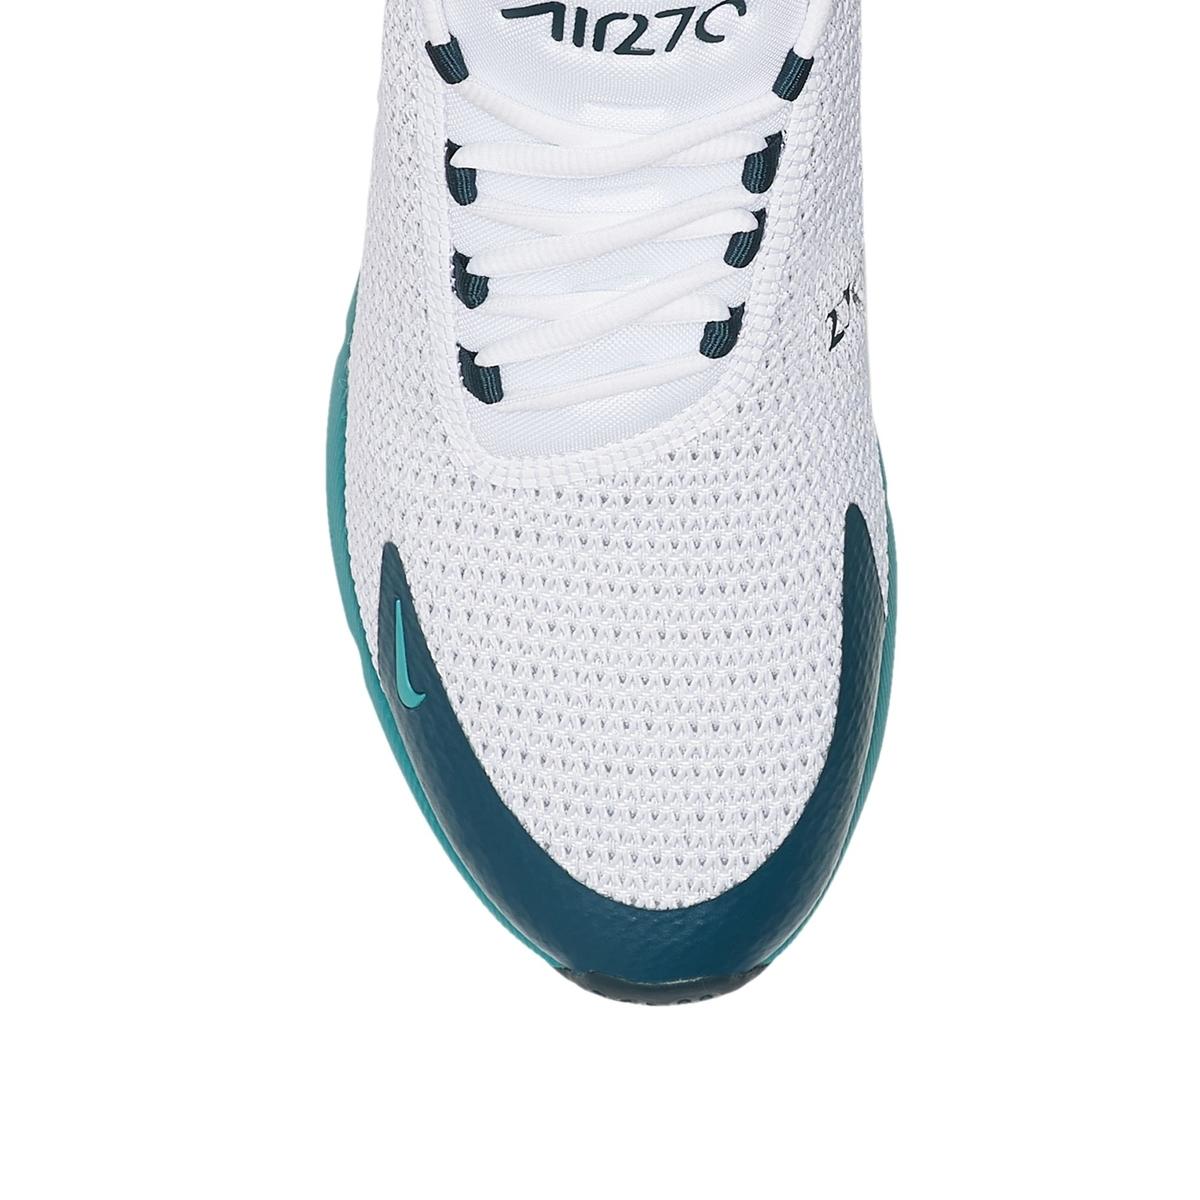 NIKE AIR MAX 270 SE WHITE:SPIRIT TEAL-NIGHTSHADE 3